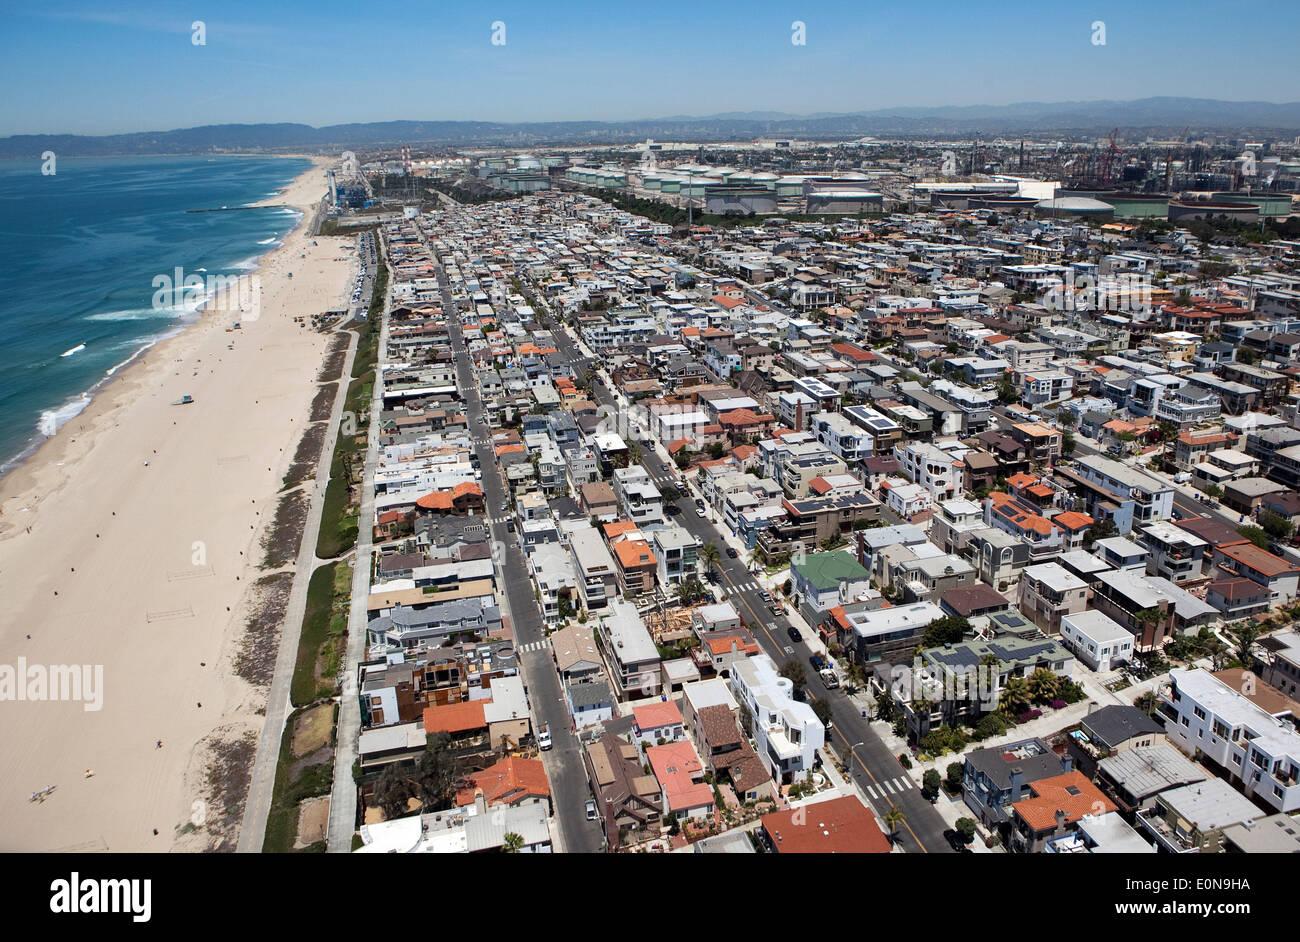 manhattan beach kalifornien usa 15 mai 2014 der strand stadt manhattan beach s dwestlich. Black Bedroom Furniture Sets. Home Design Ideas